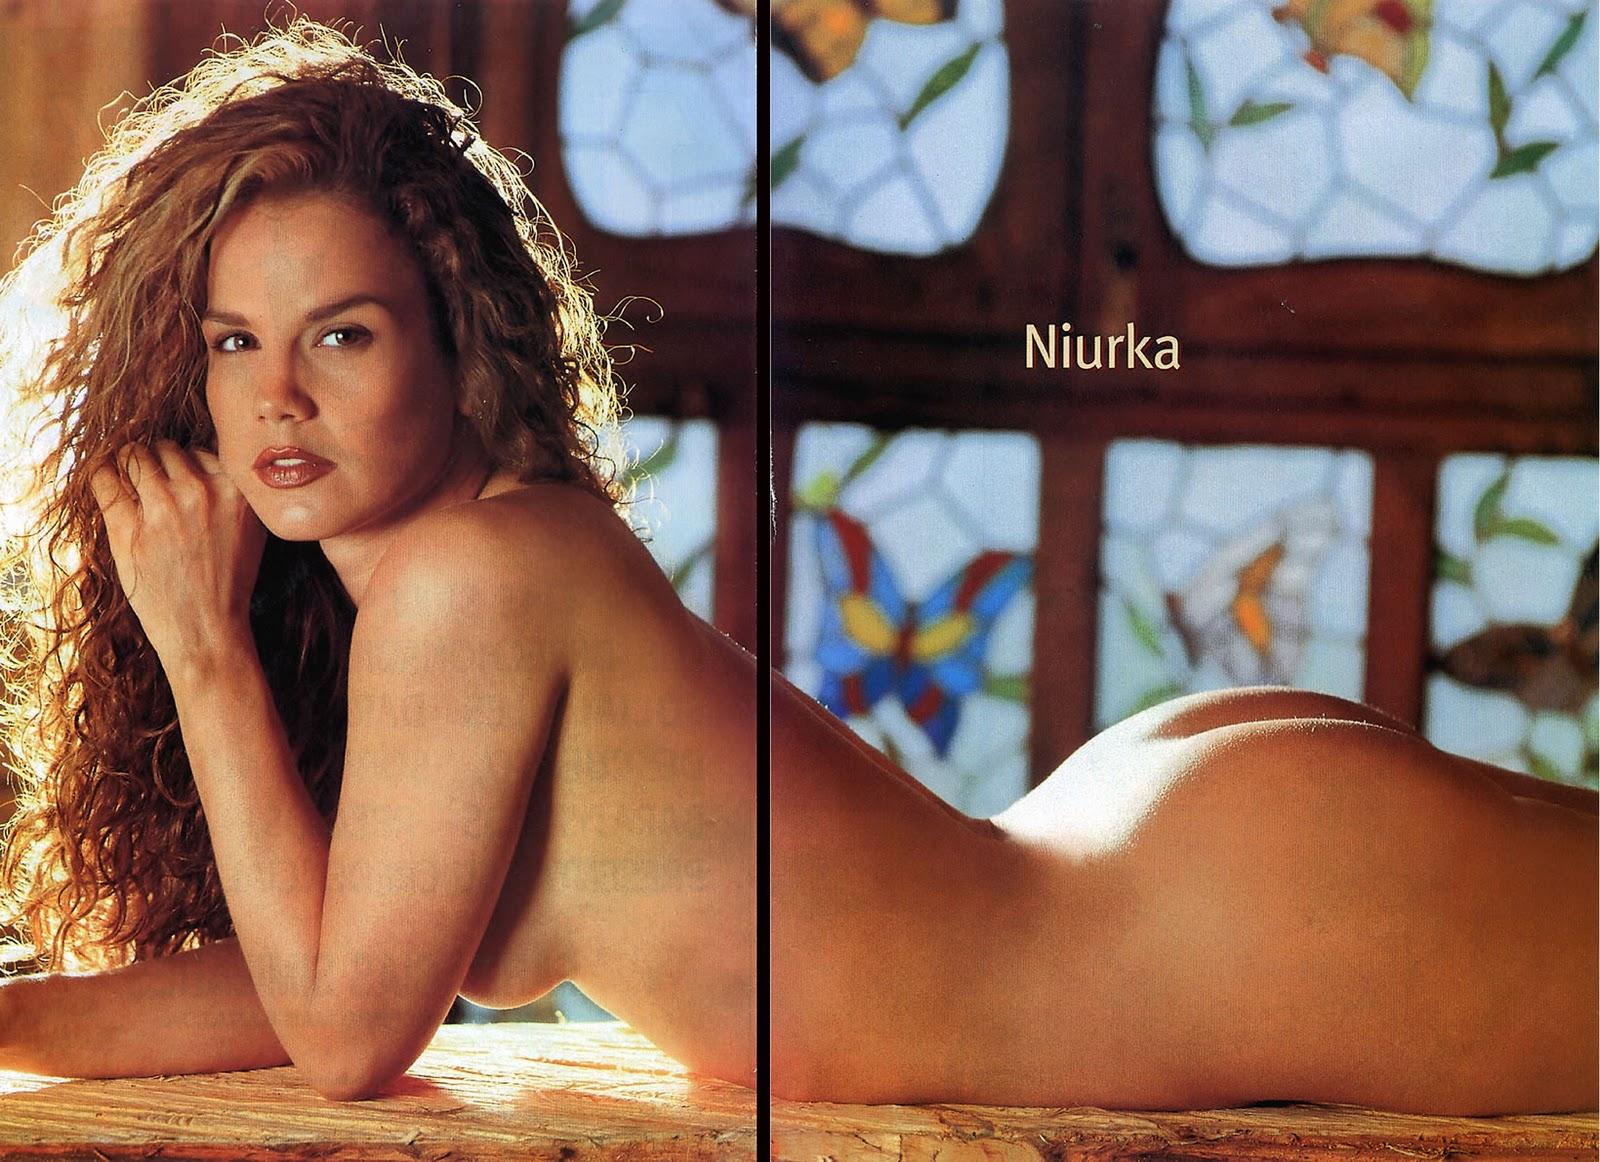 Niurka Ass 93